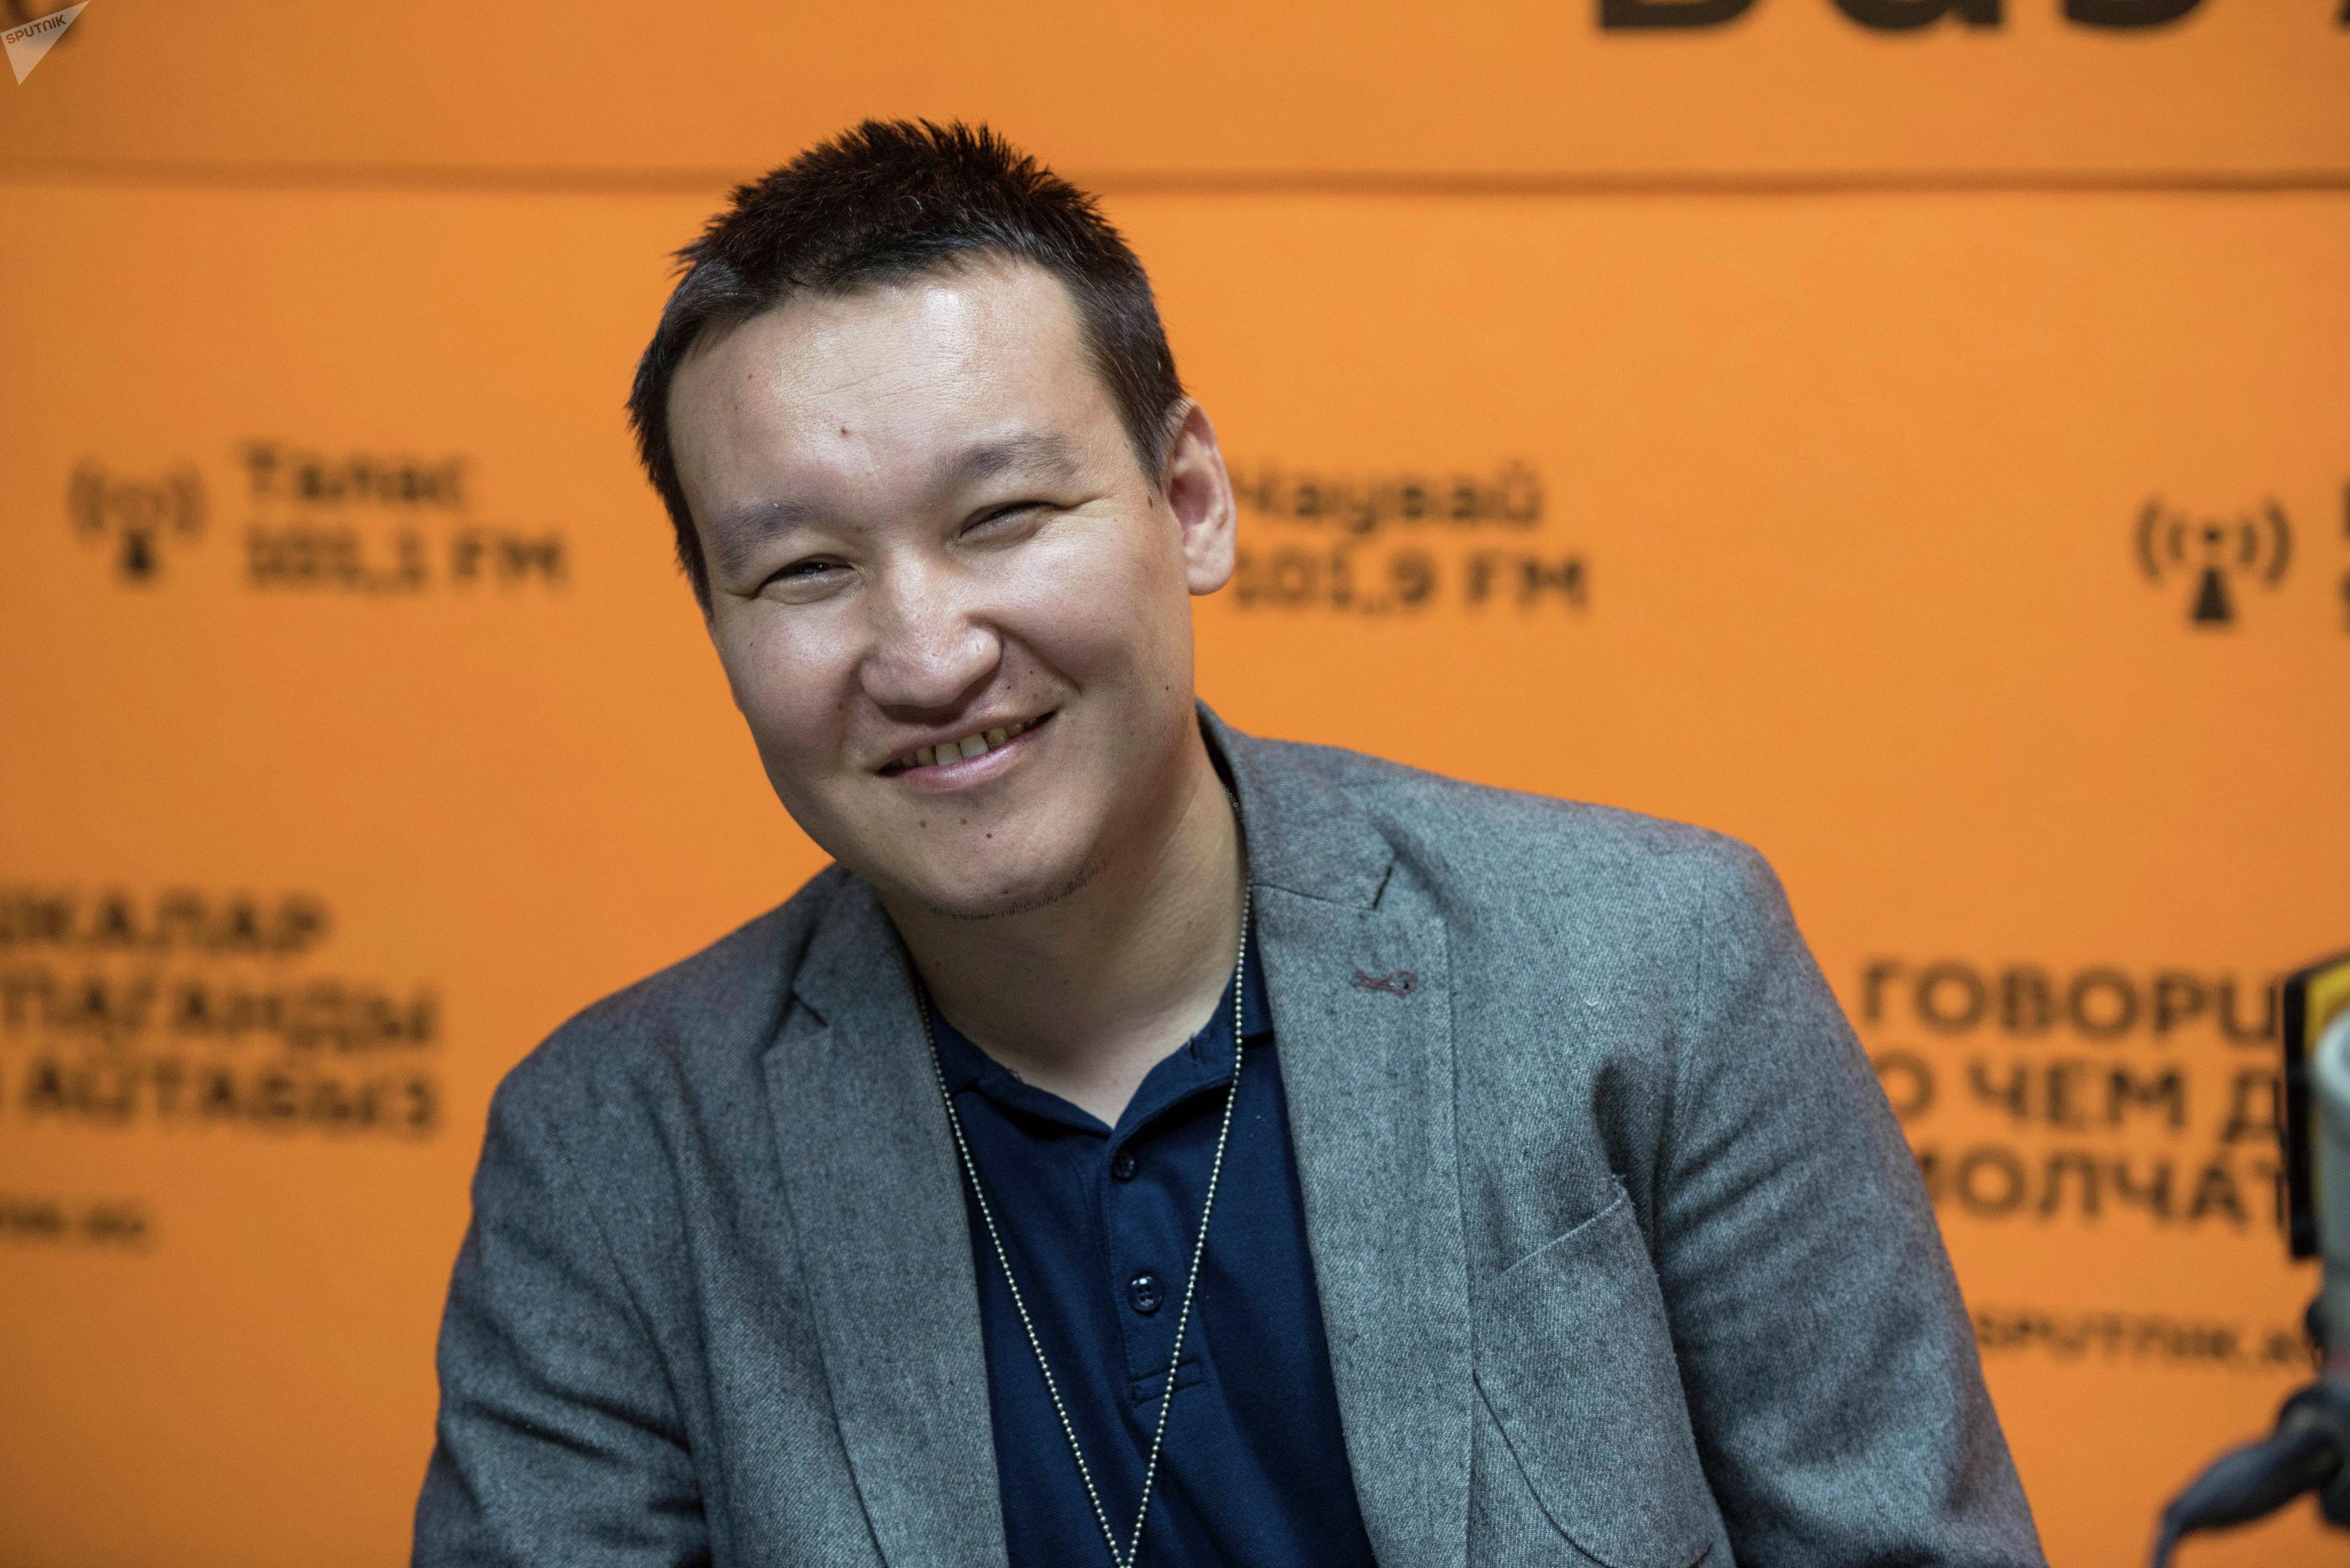 Шеф-редактор международного информационного агентства Sputnik Кыргызстан Эркин Алымбеков во время беседы на радио